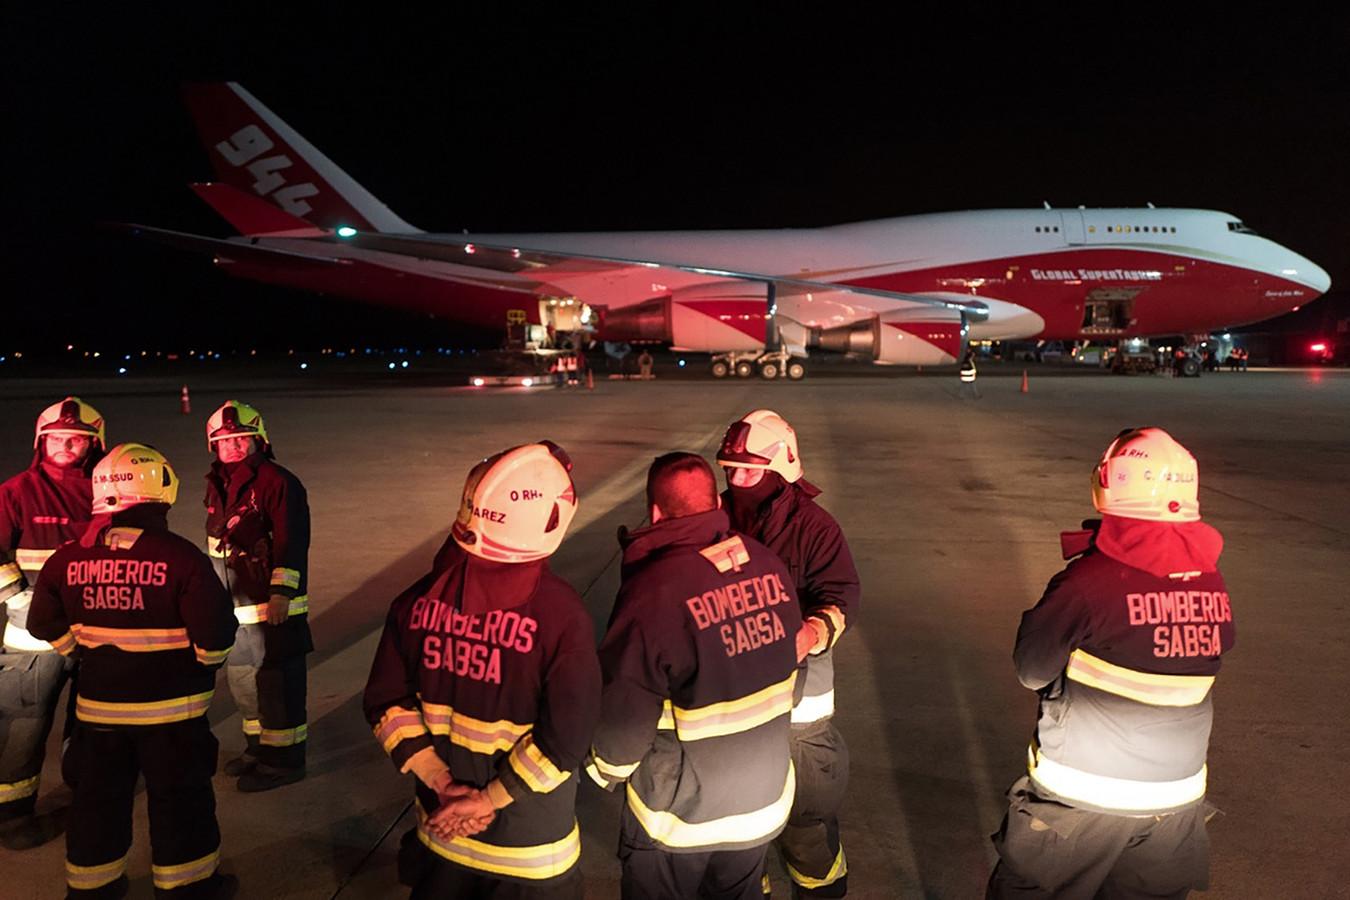 Het immense Boeing 747-blustoestel vrijdag bij aankomst op de luchthaven Viruviru van Santa Cruz de la Sierra in Bolivia.